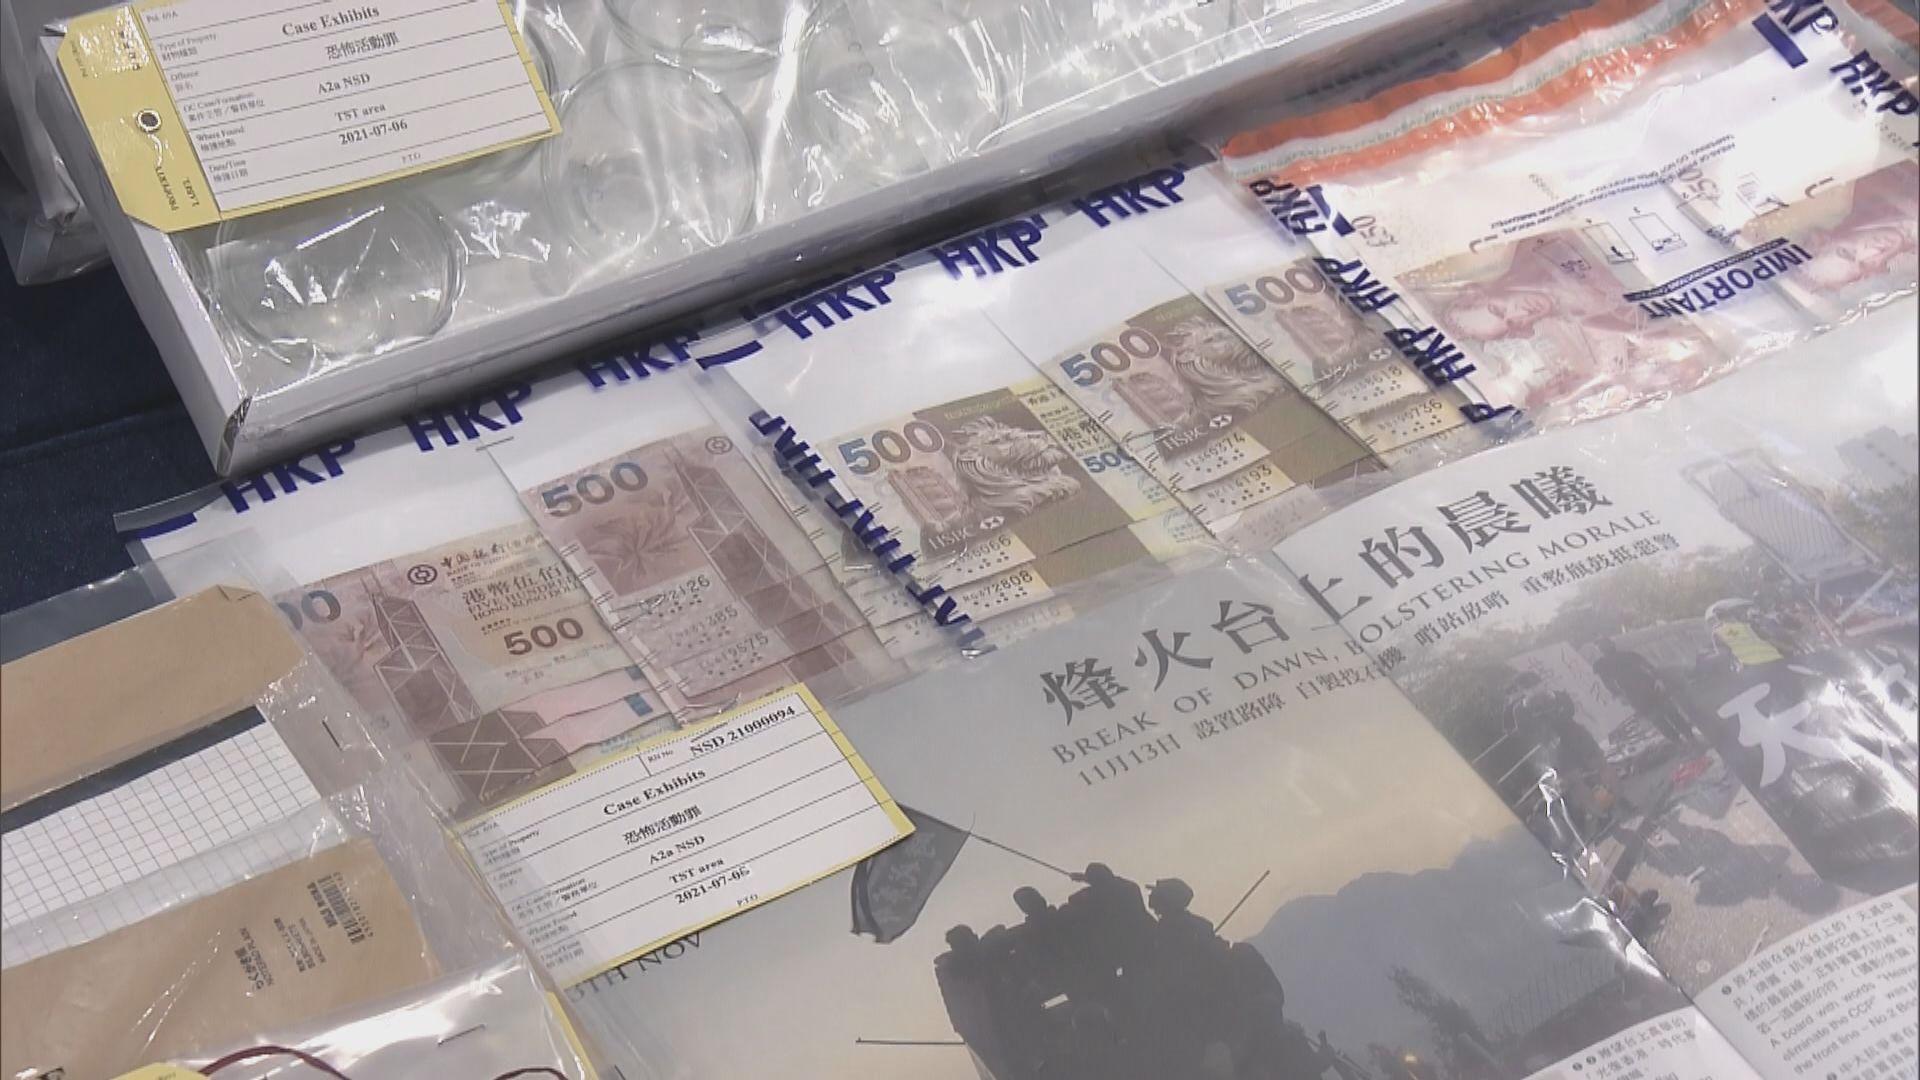 光城者案多三人被控串謀策劃恐怖活動 九月再訊